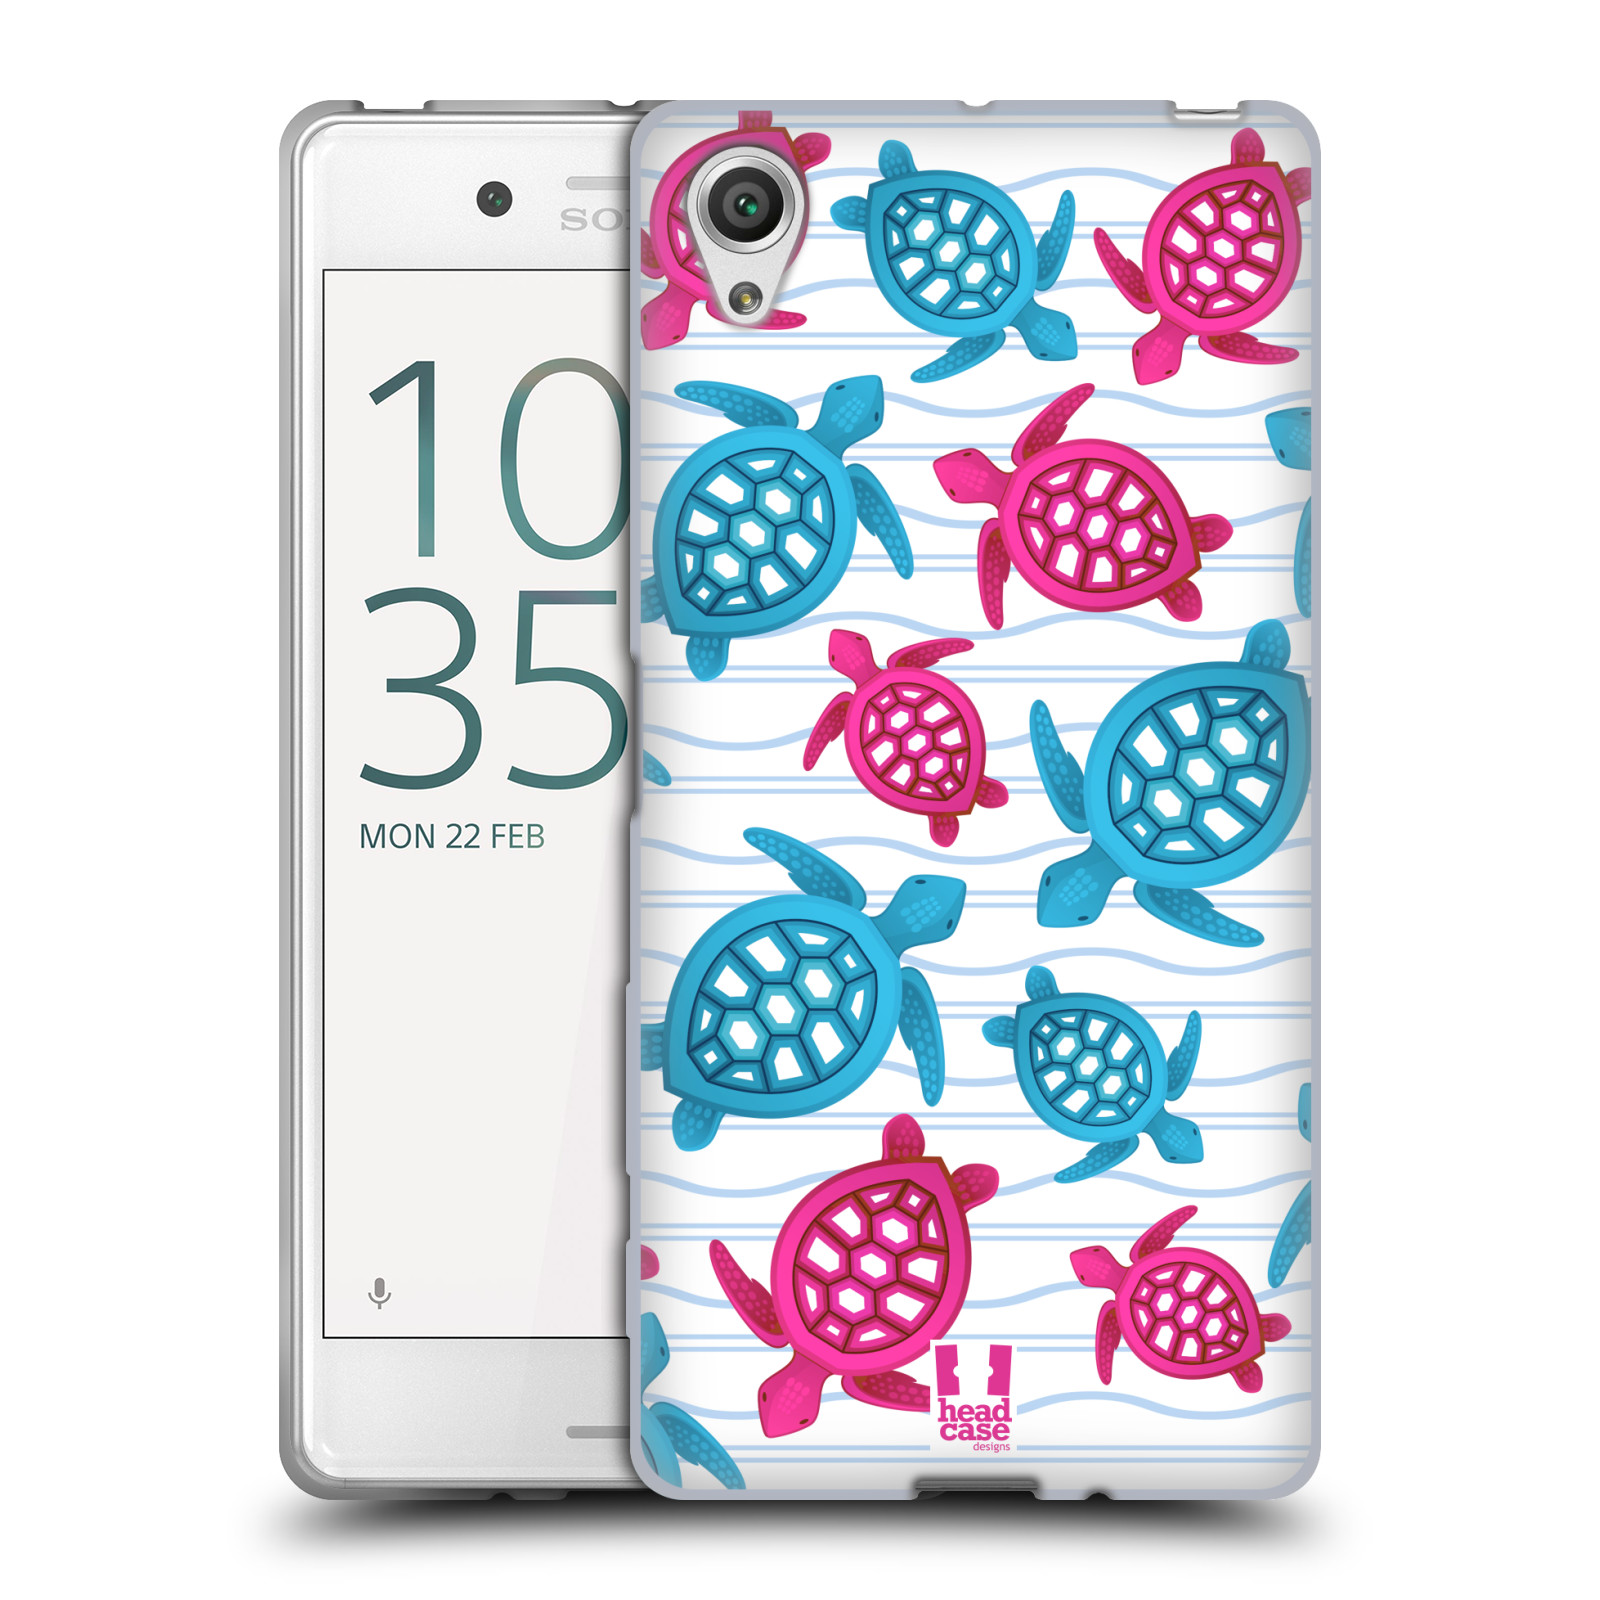 HEAD CASE silikonový obal na mobil Sony Xperia X / X DUAL vzor mořský živočich želva modrá a růžová